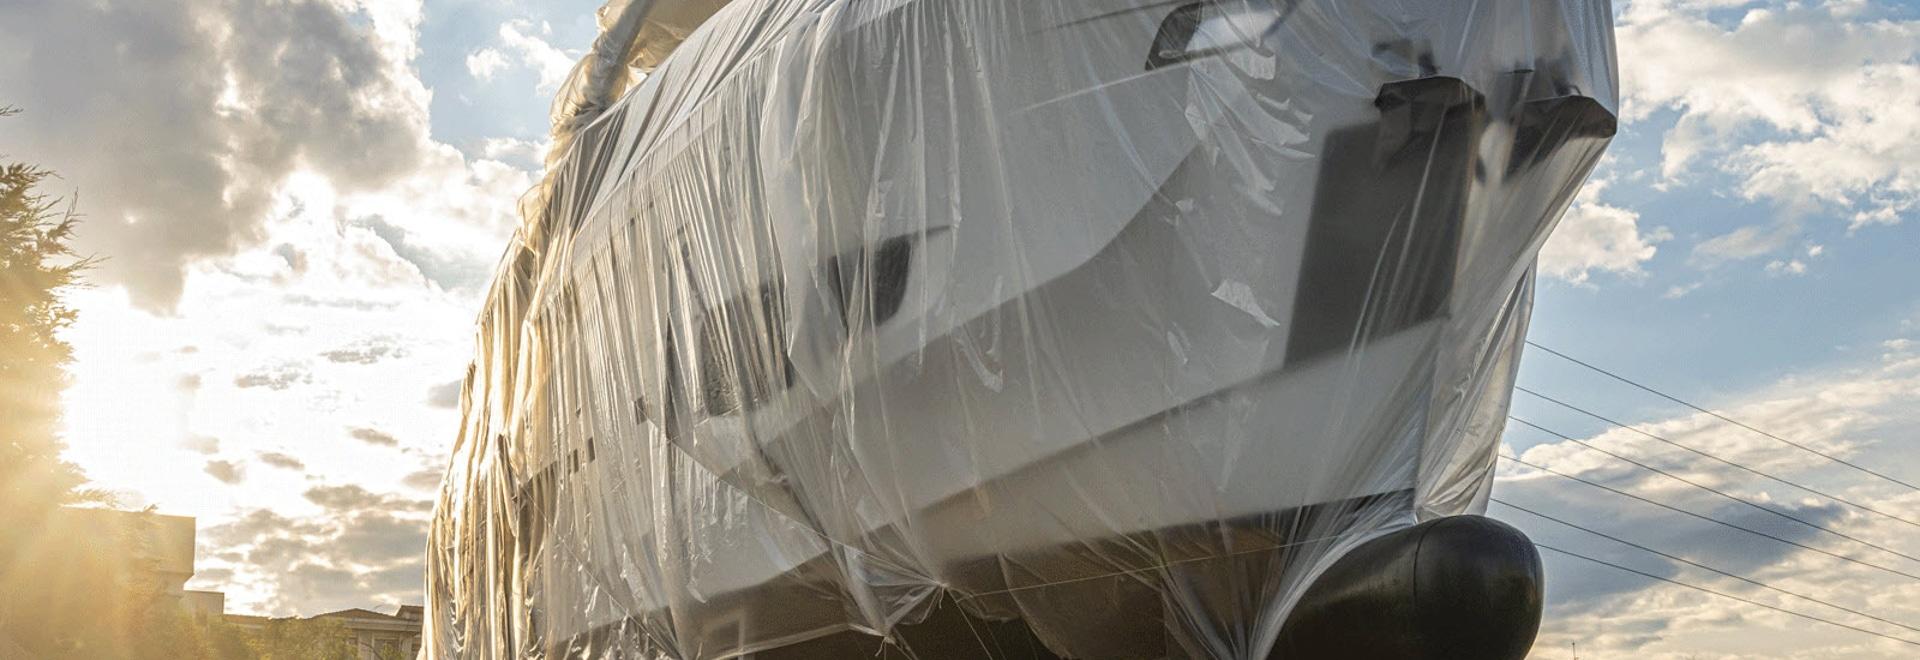 Numarine bringt drei weitere 26XP-Yachten auf den Markt